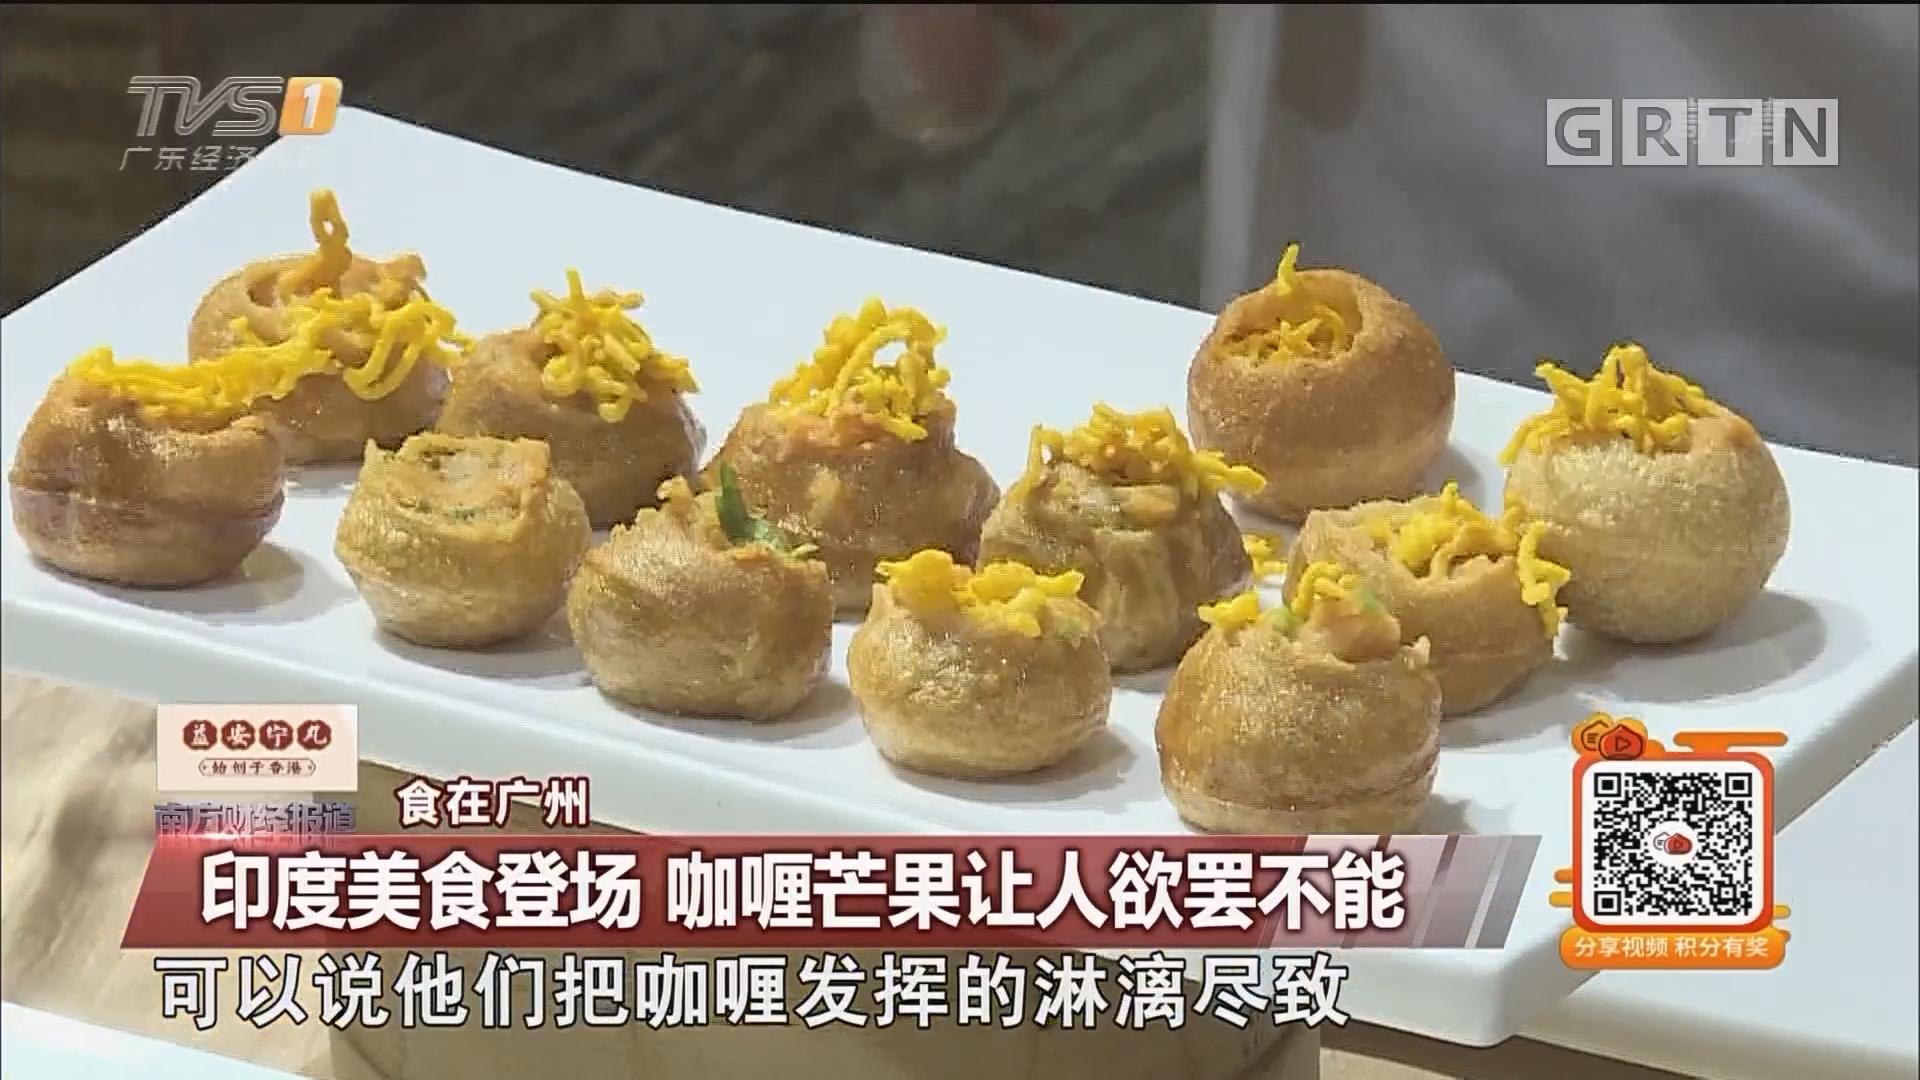 食在广州:印度美食登场 咖喱芒果让人欲罢不能